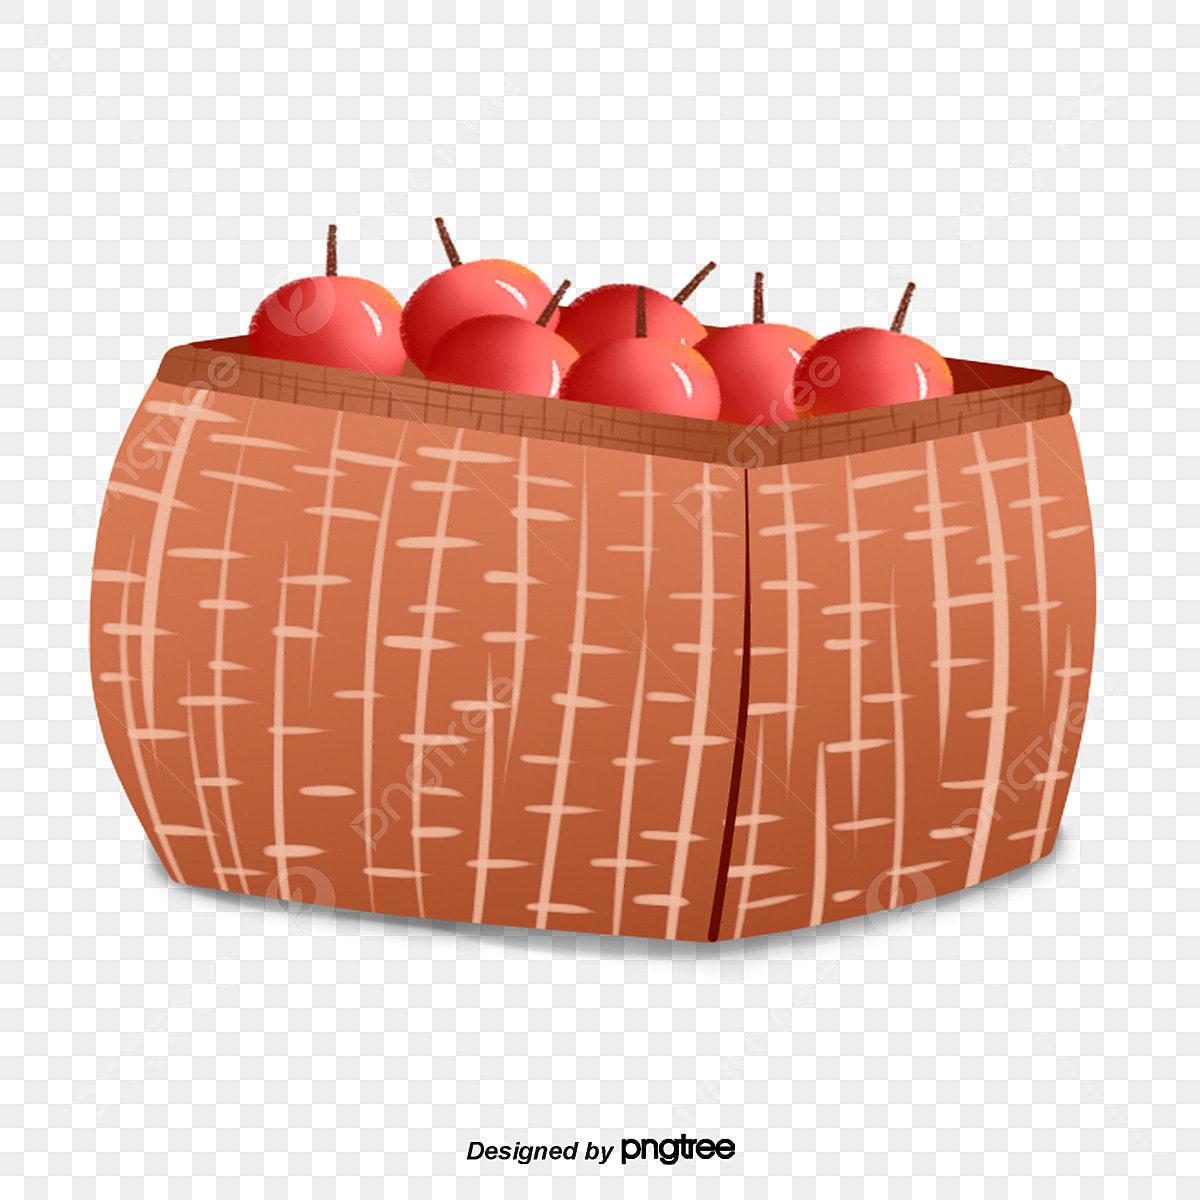 Màu Nâu đỏ Trong đầy Trái Cây Trái Cây Màu Nâu Cherry